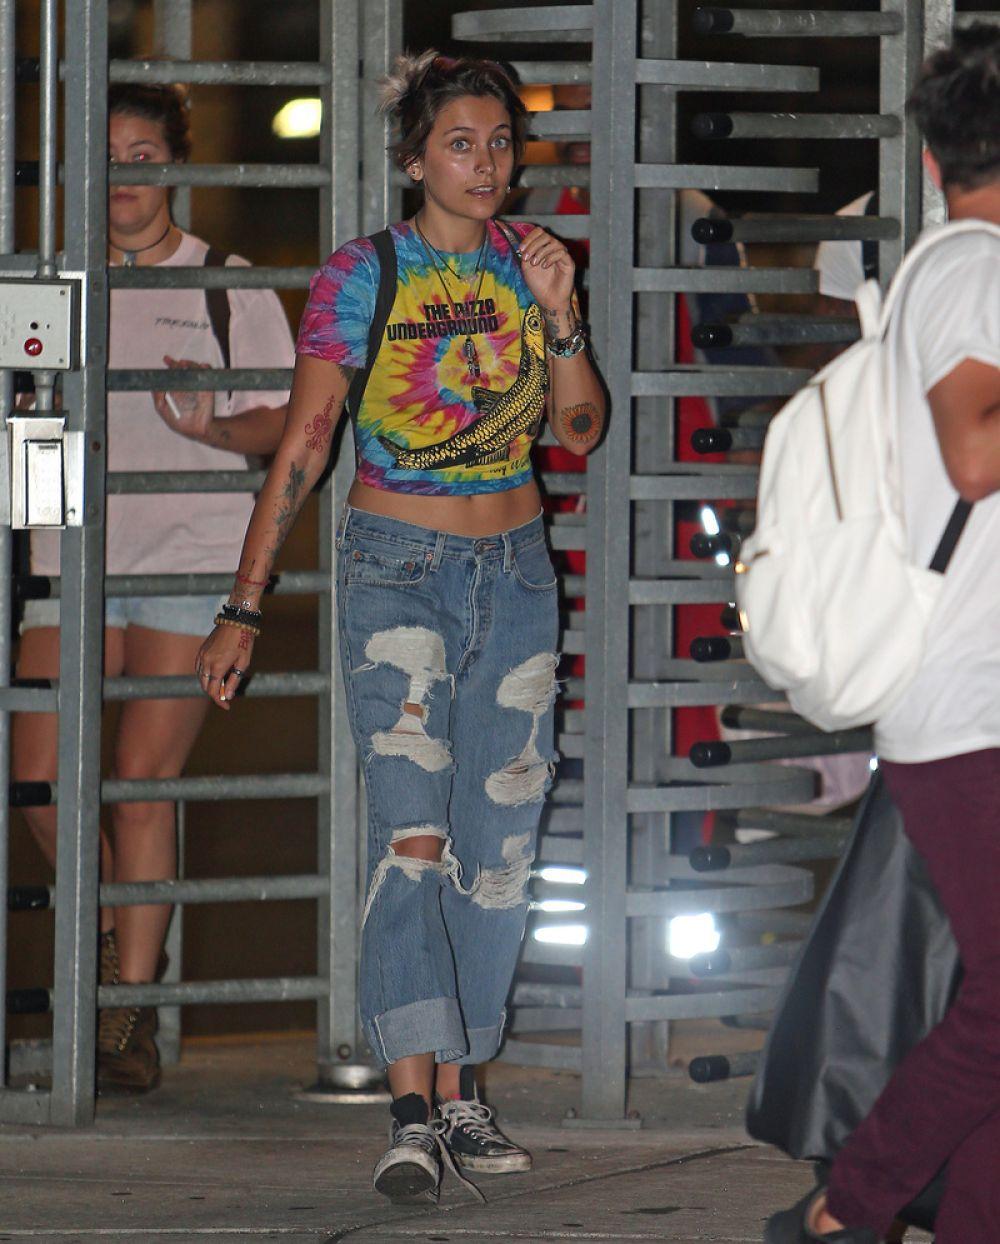 PARIS JACKSON at JFK Airport in New York 07/17/2017